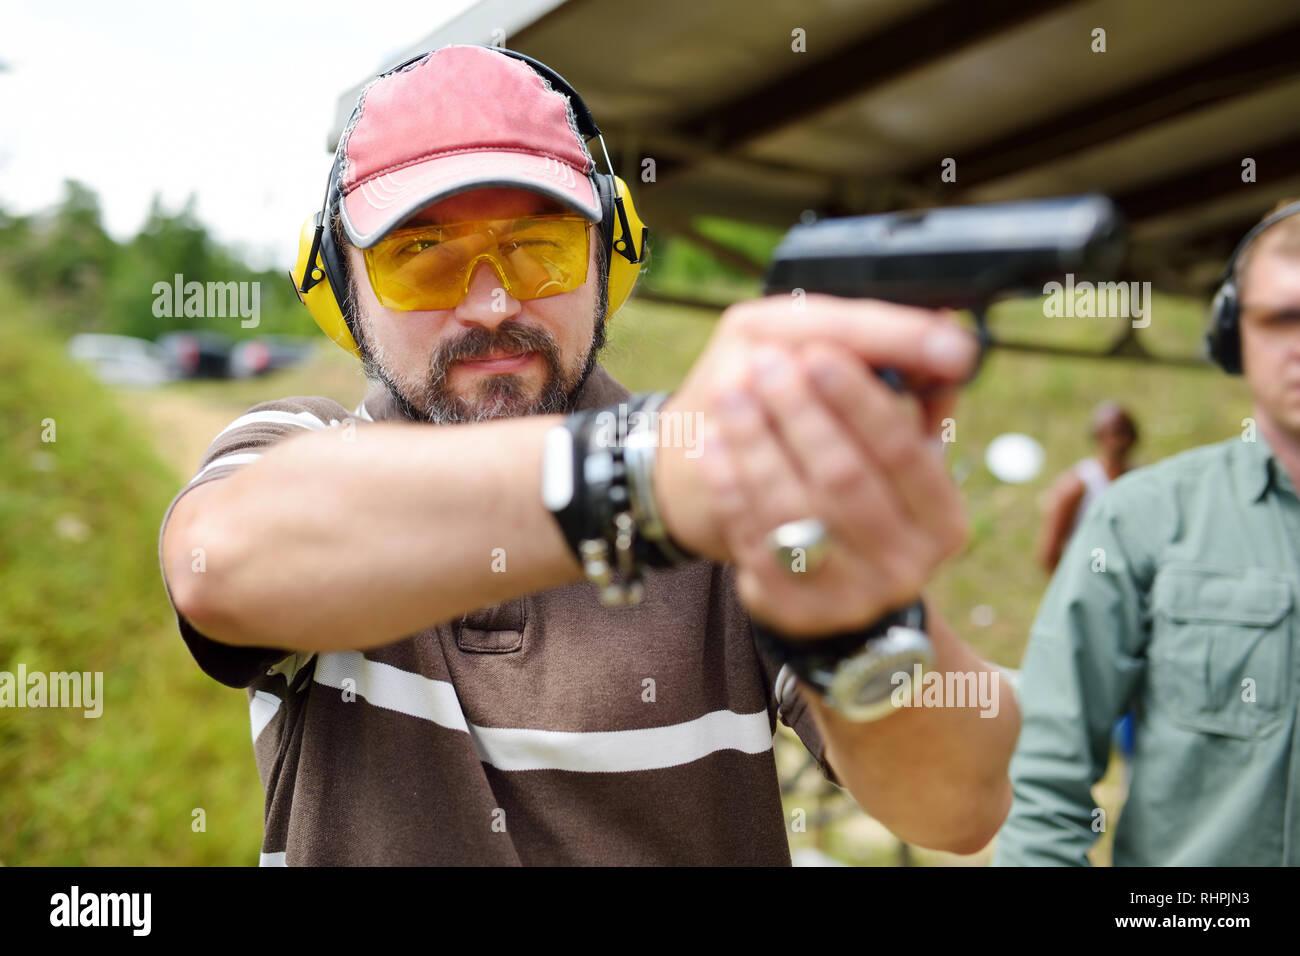 Prise de l'homme sur un stand de tir en plein air. Homme d'armes à feu de tir au but. Des loisirs actifs. Photo Stock